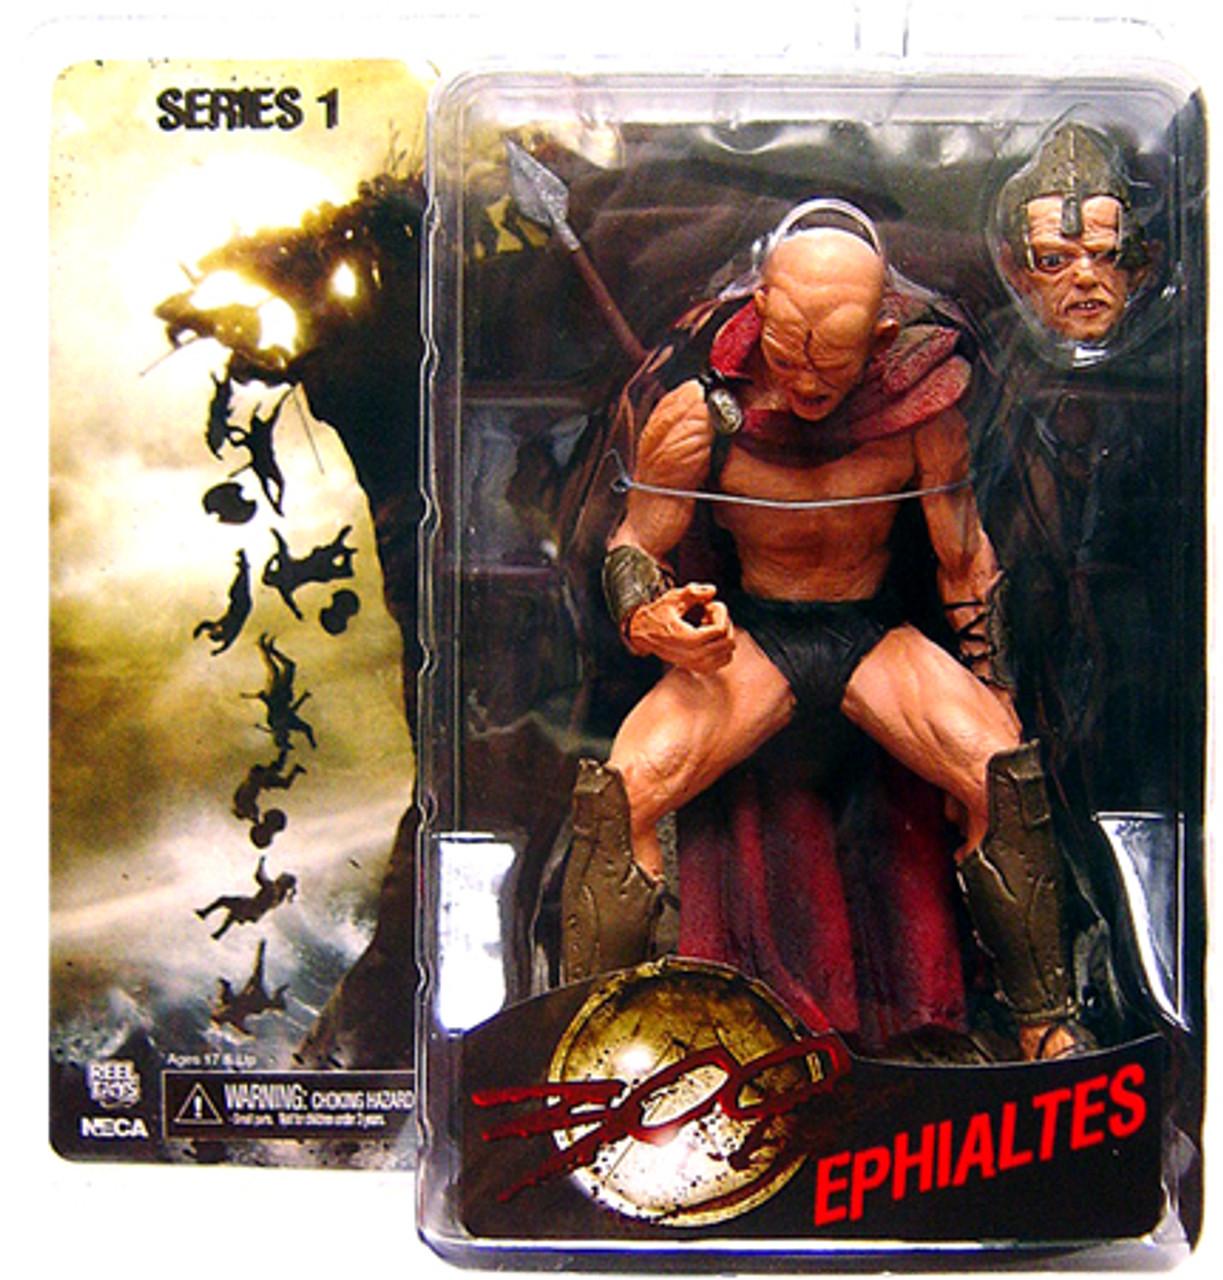 NECA 300 Ephialtes Action Figure